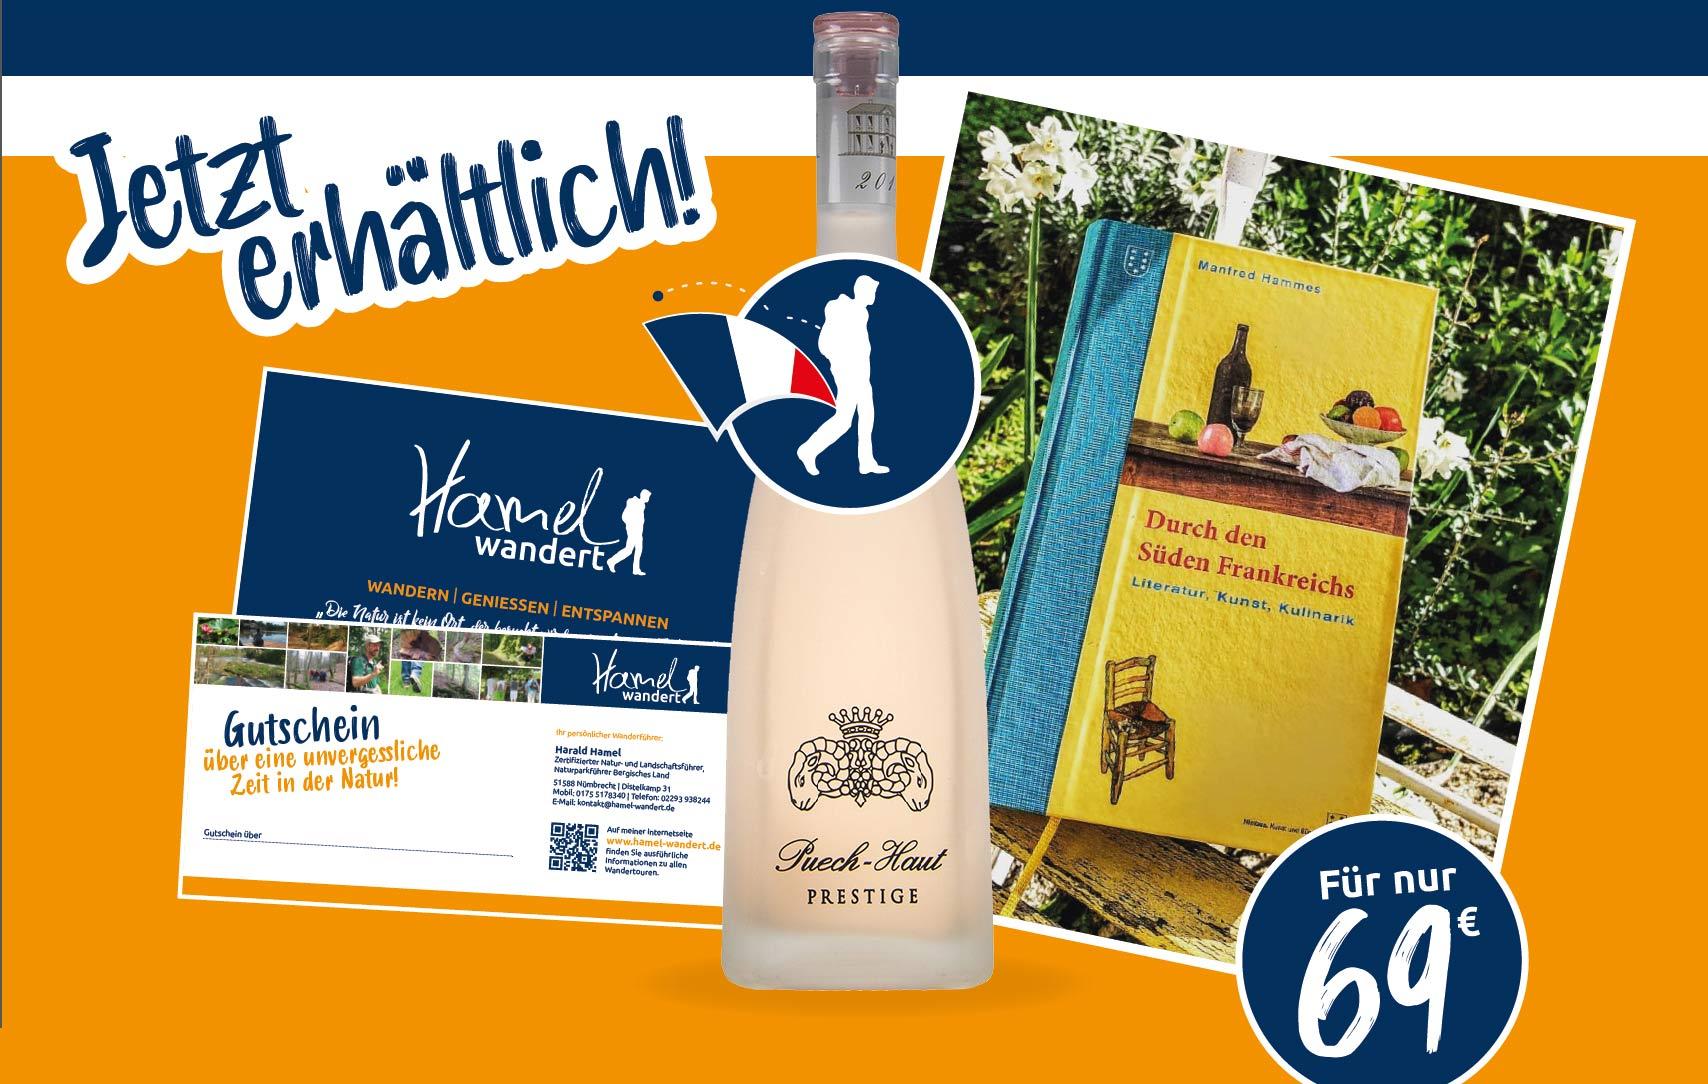 Collage aus verschiednen Elementen Überraschungspaket: Ein Gutschein, eine Flasche Wein, ein Buch von Manfred Hammes. Preis 69 Euro